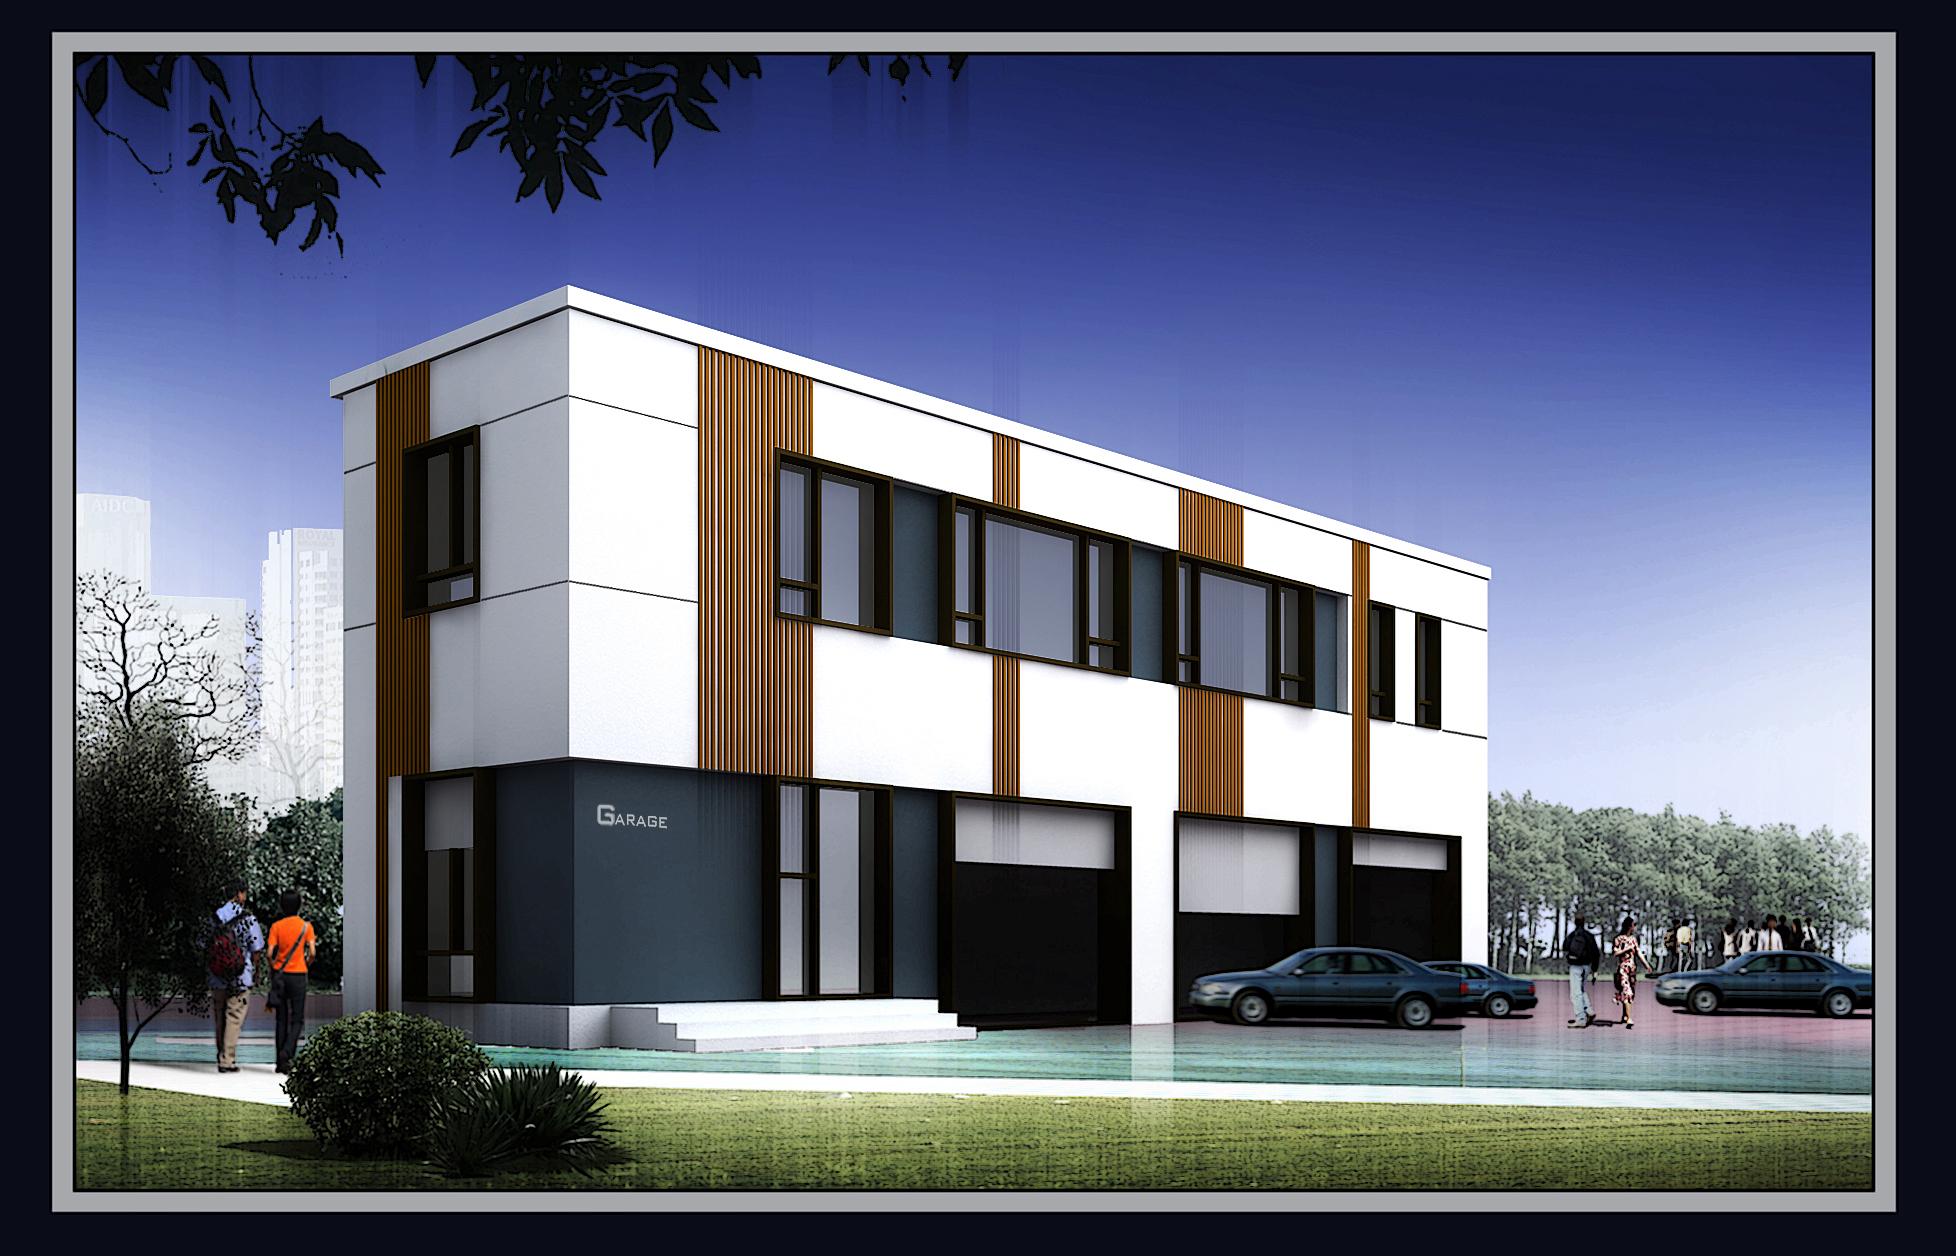 图纸 建筑图纸 车库效果图  上传时间:2012-03-20 所属分类:建筑图纸&